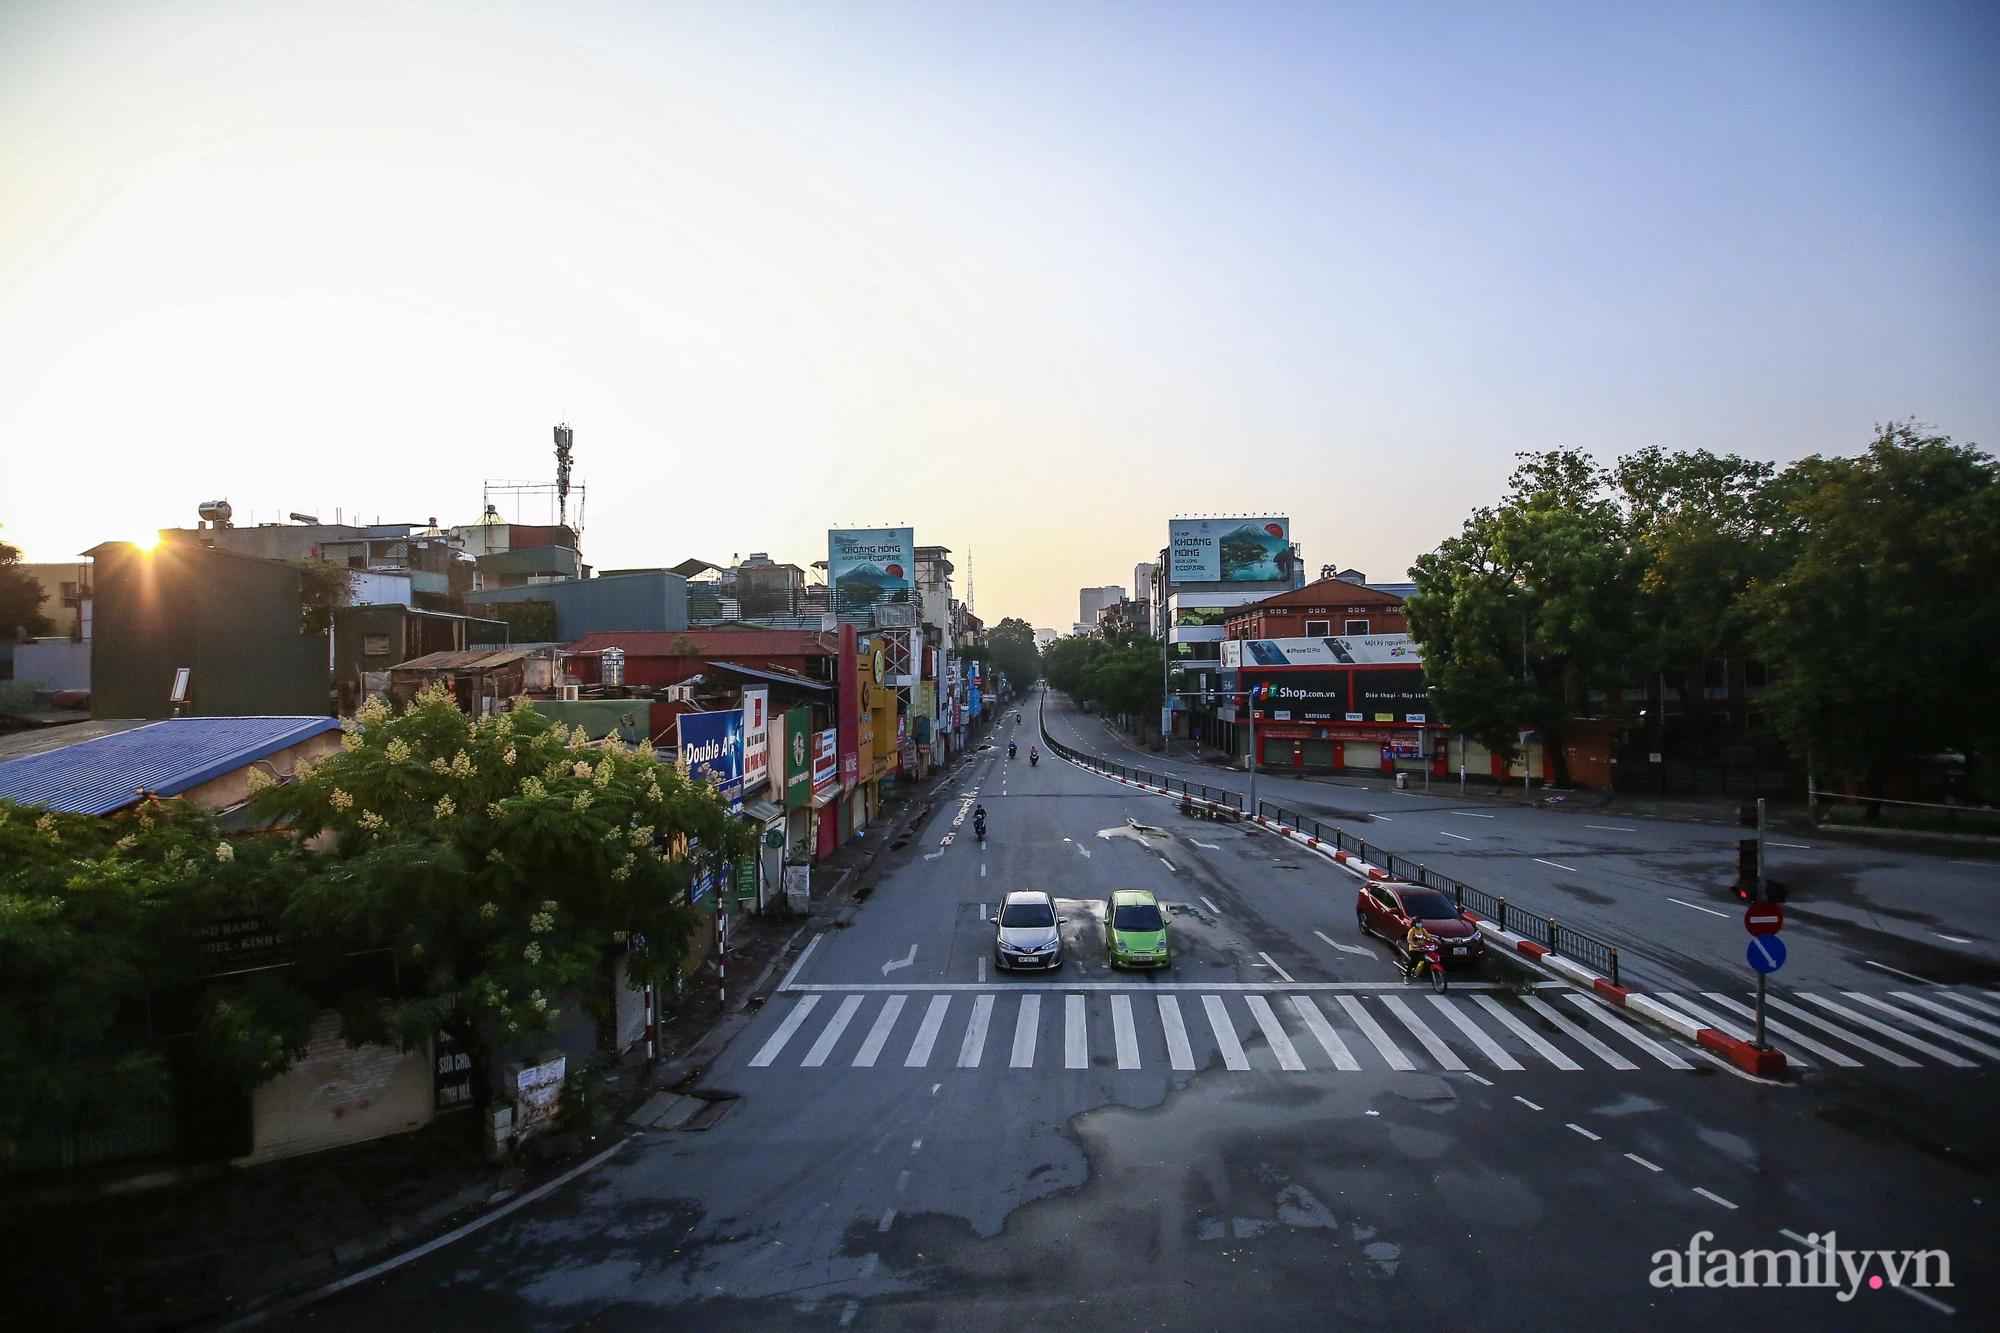 Buổi sáng đầu tiên cách ly toàn xã hội, đường phố Hà Nội vắng vẻ, người dân chỉ tập trung đông tại một số khu chợ để mua đồ ăn uống, sinh hoạt cho những ngày sắp tới - Ảnh 1.